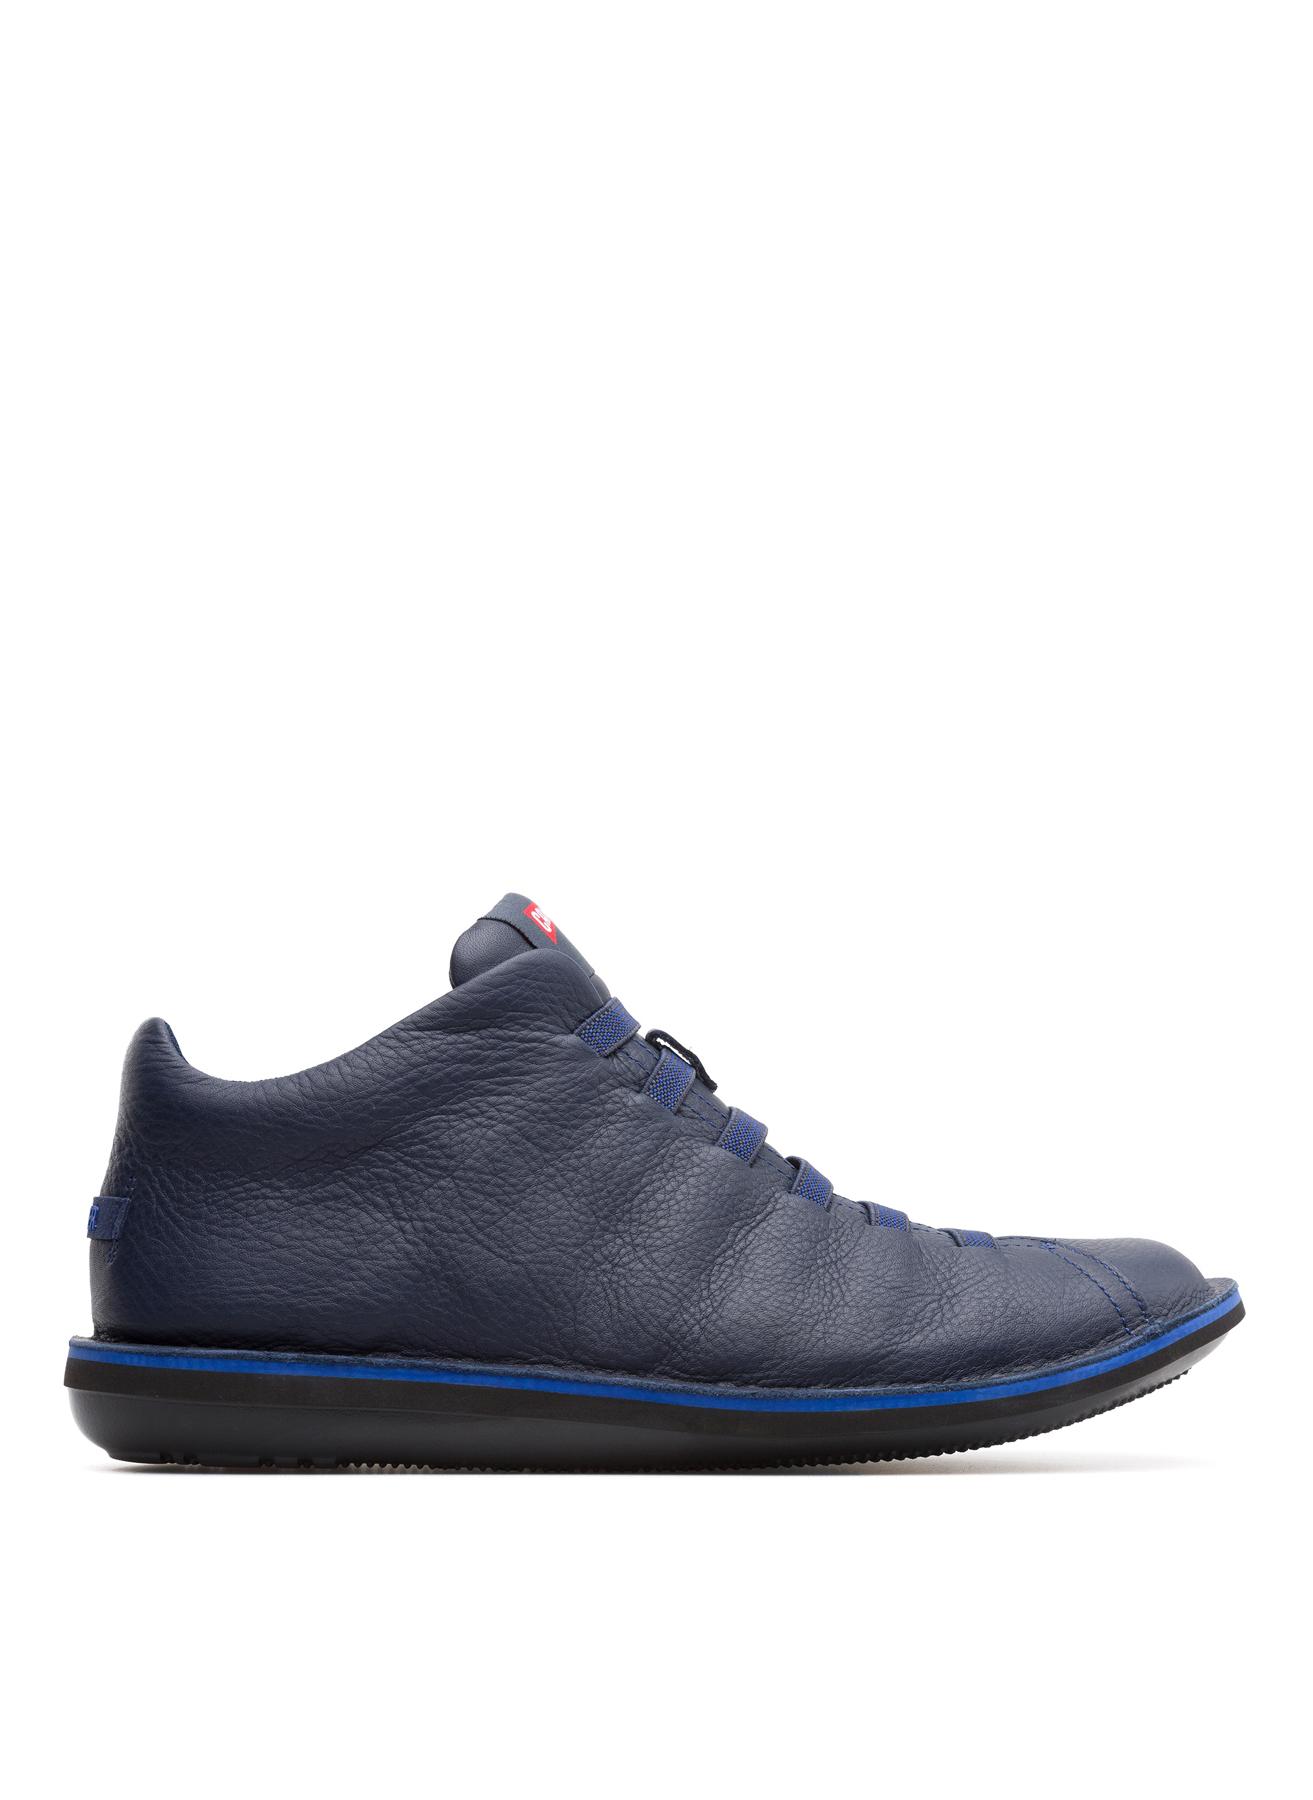 Camper Erkek Deri Lacivert Klasik Ayakkabı 40 5001922550002 Ürün Resmi